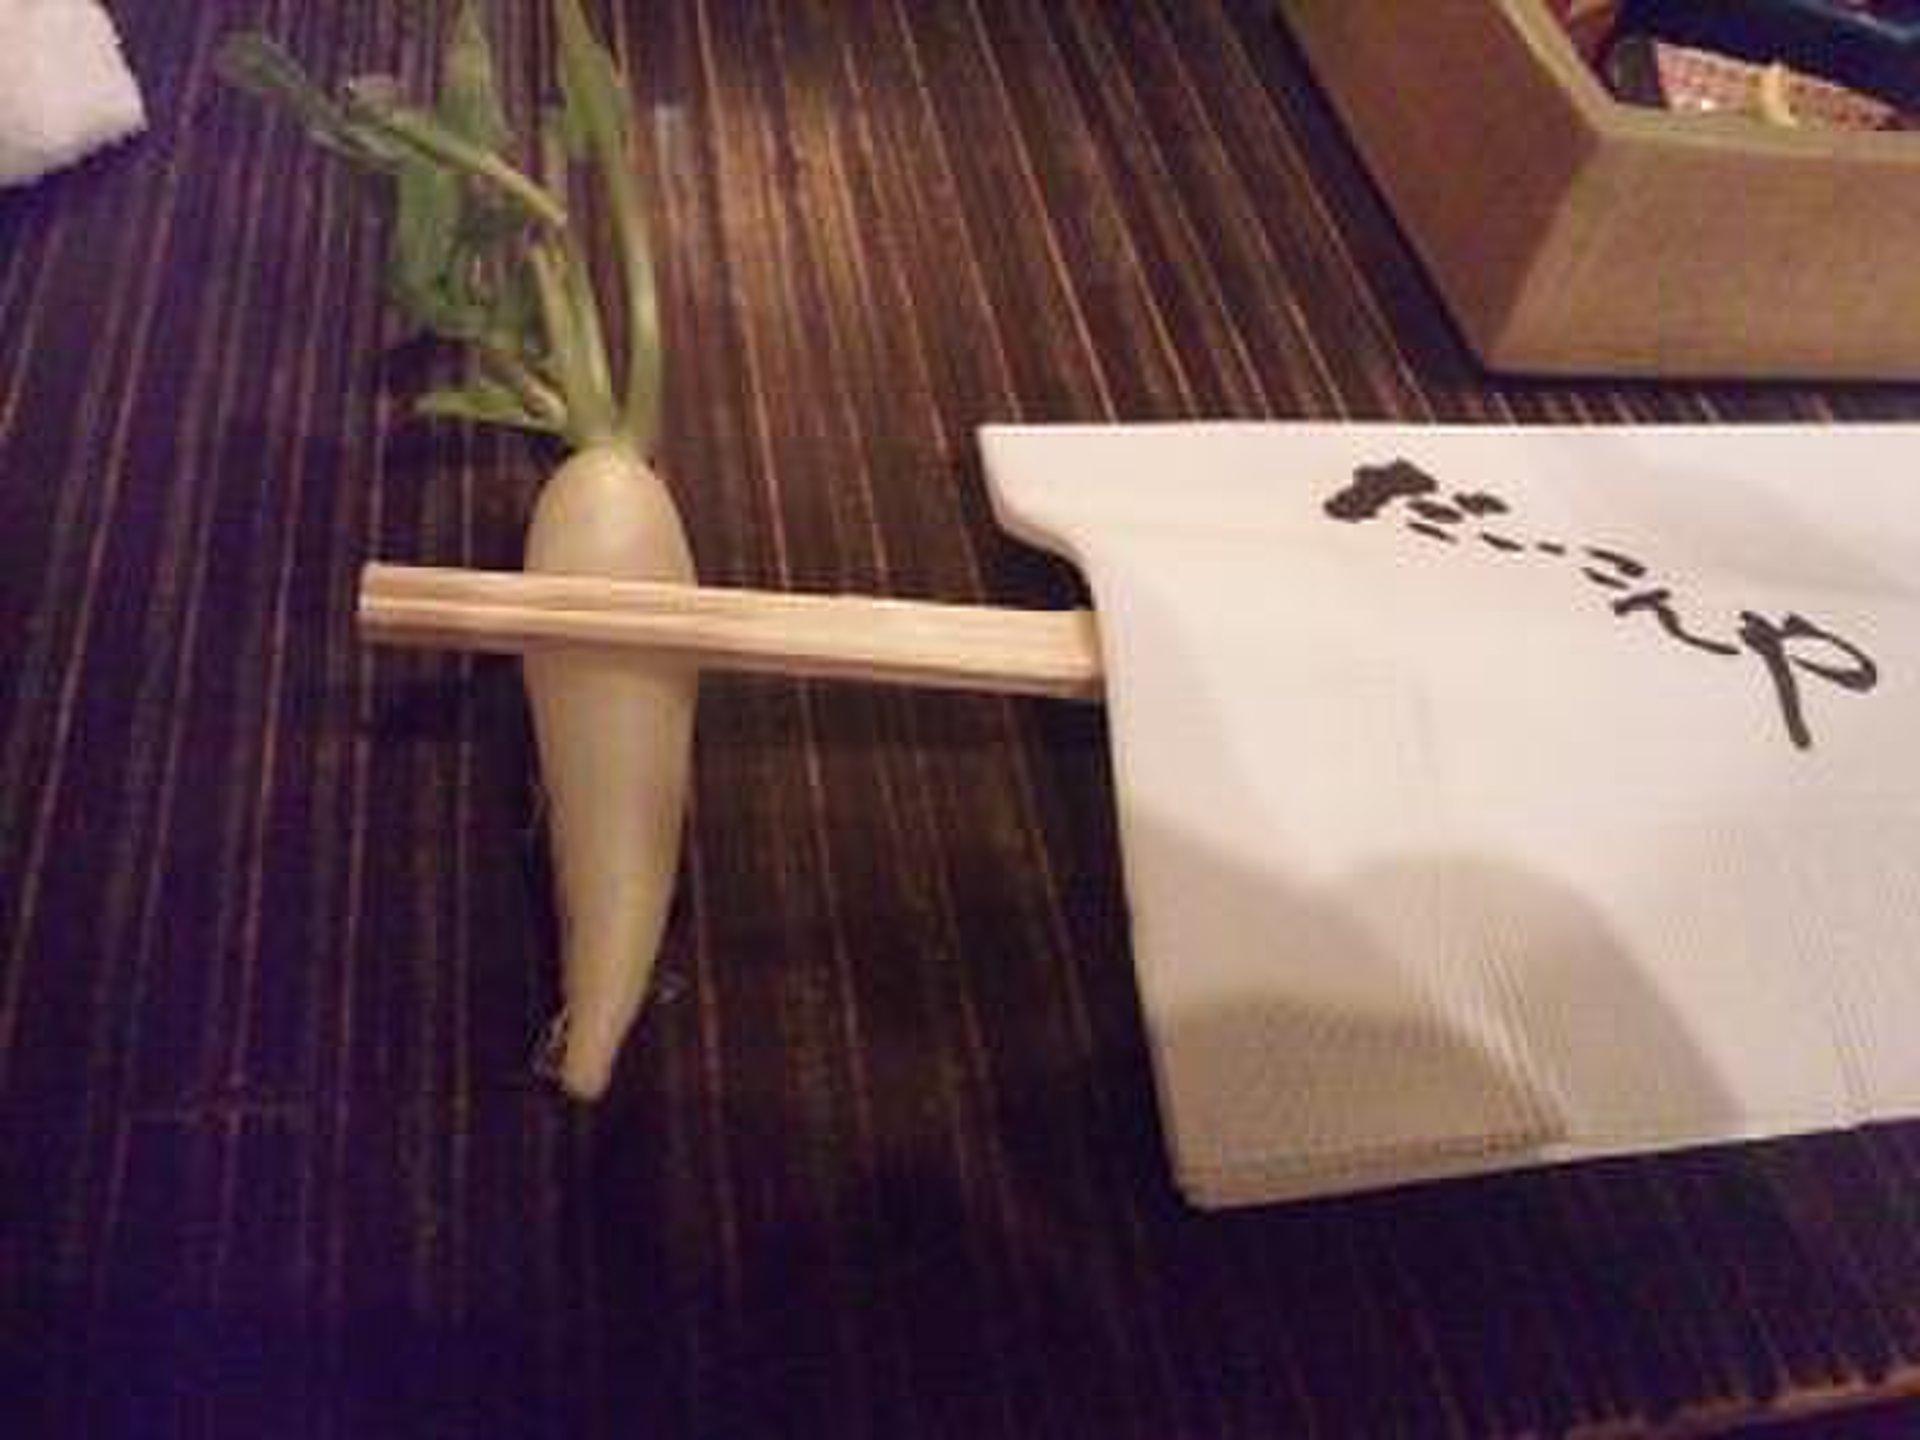 【東京・神楽坂】和食と言えばココ。神楽坂でもリーズナブルな予約必須の絶品和食店!